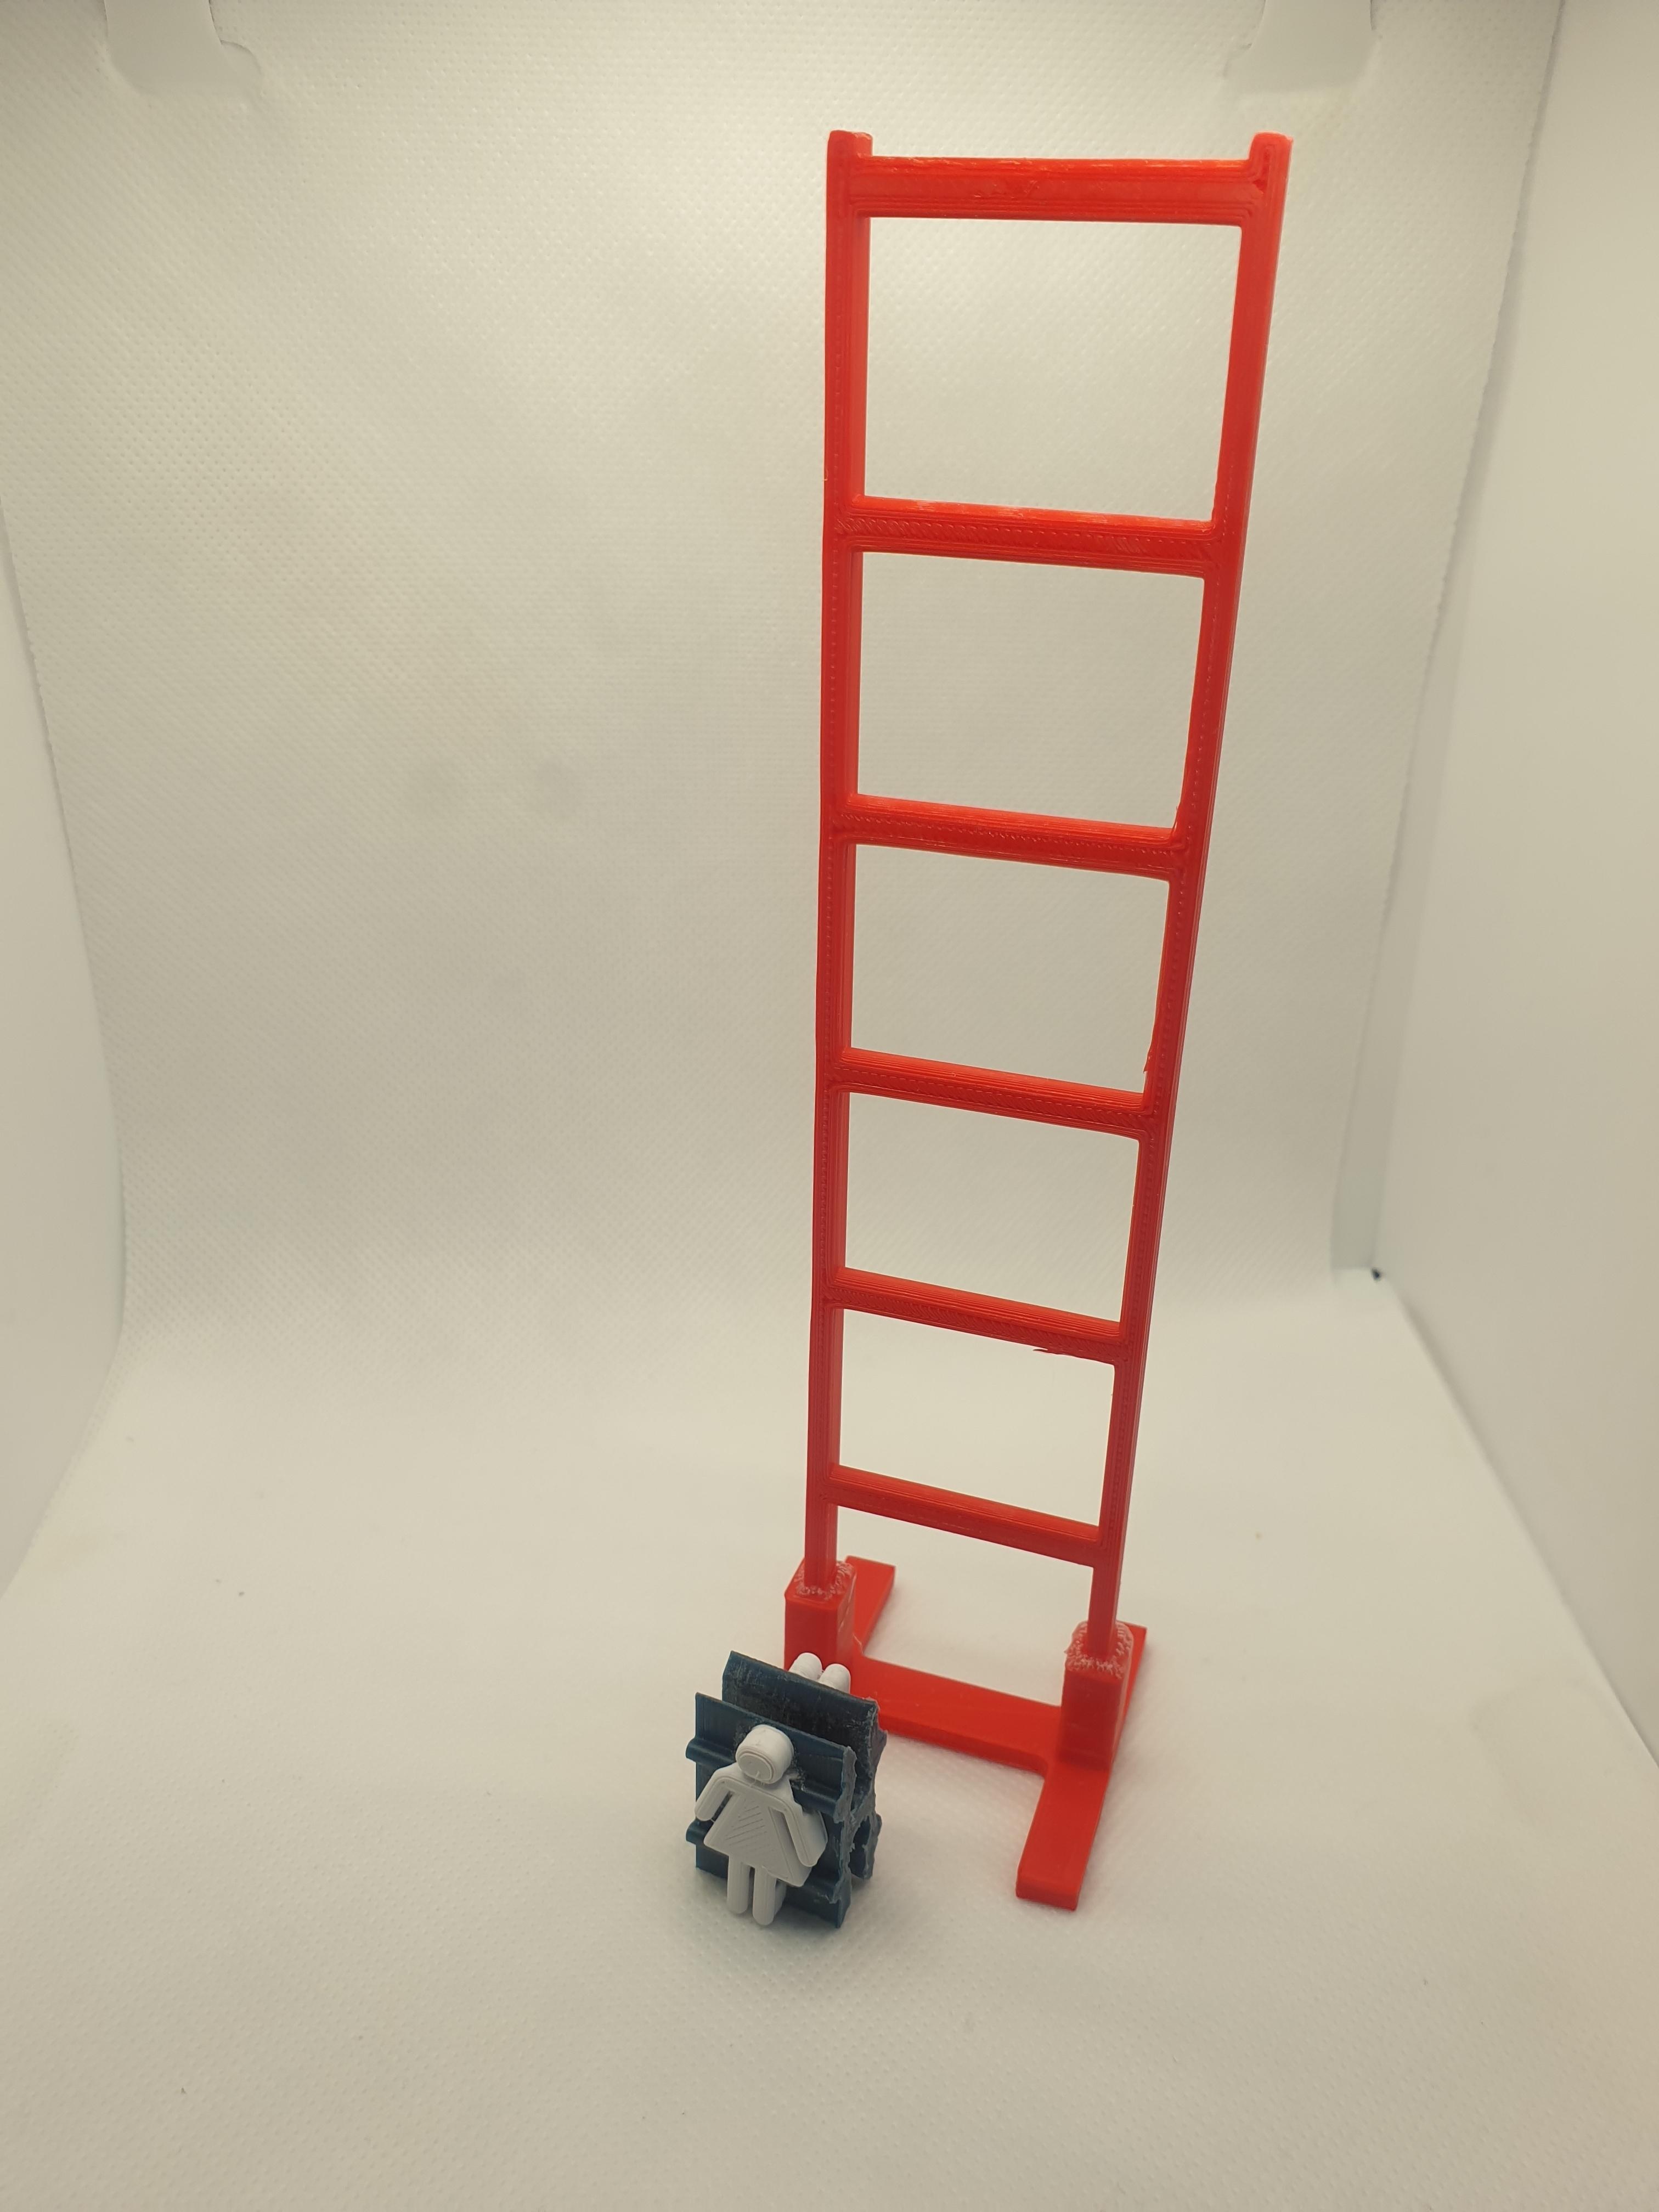 Télécharger fichier STL gratuit Échelle Peg Toy 3000: Codename Overkill • Modèle imprimable en 3D, Remrafs